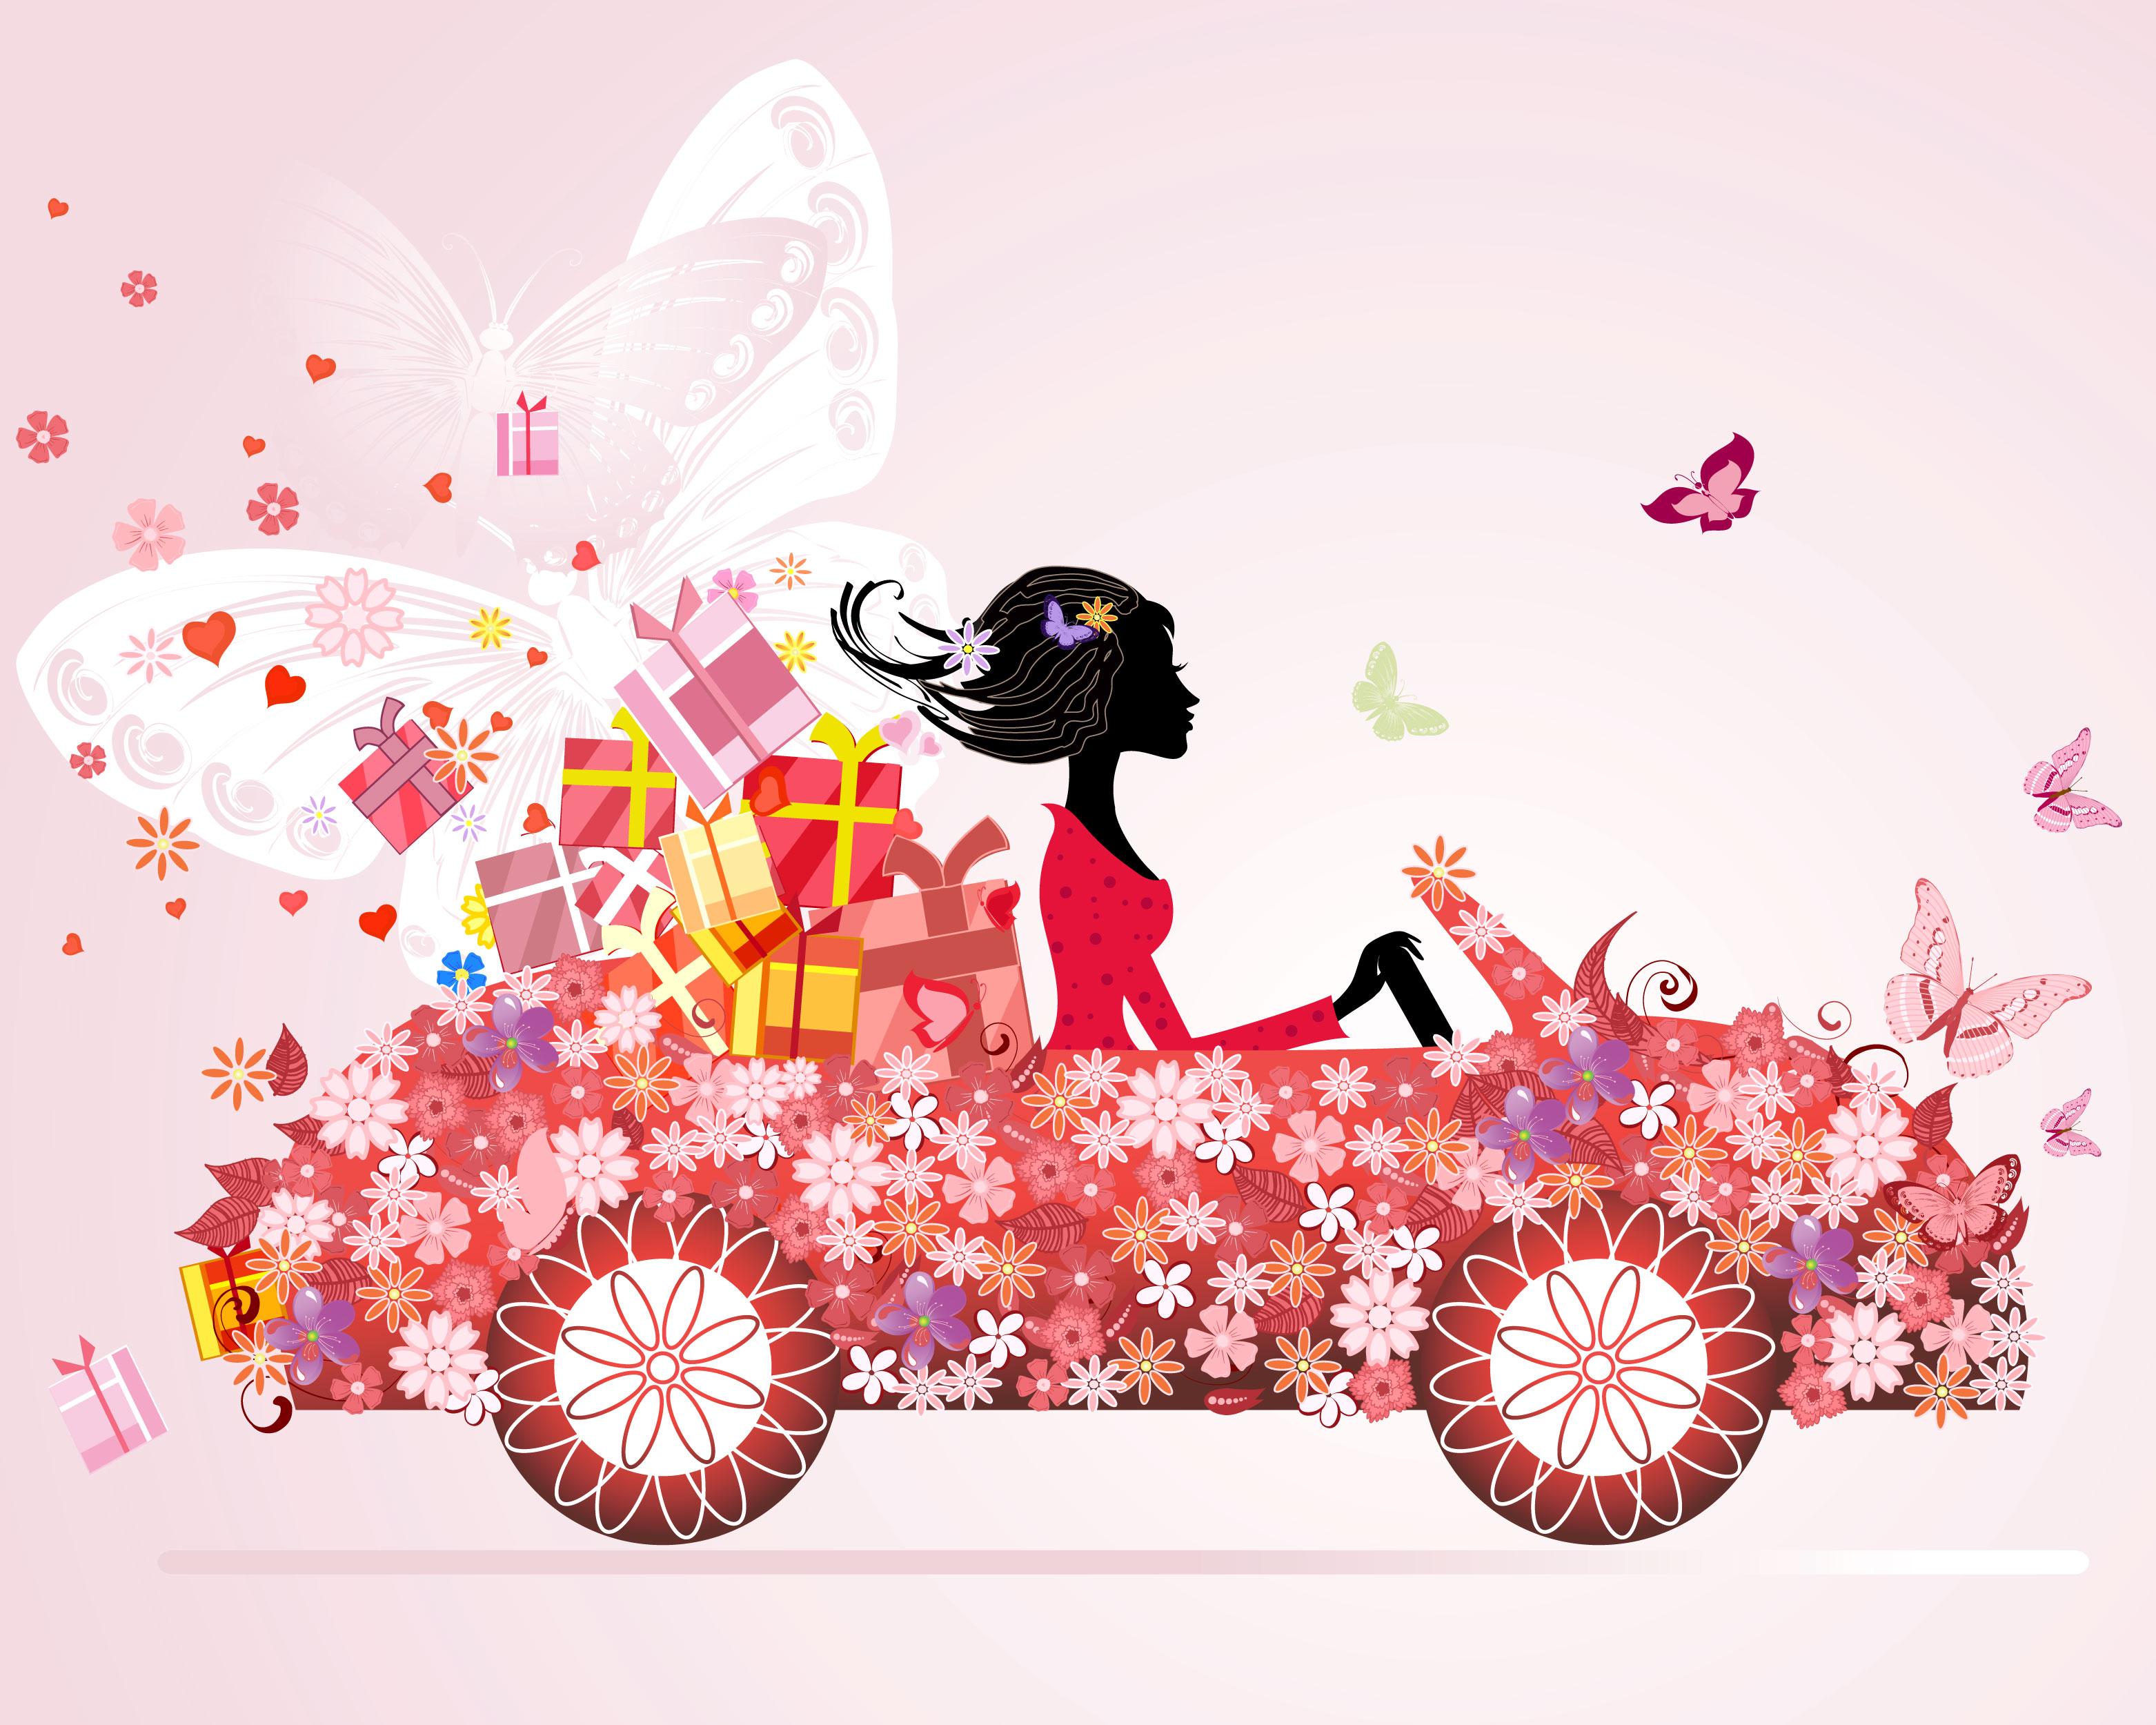 赤い花のイラスト フリー素材 背景 壁紙no 955 車に乗る女性 蝶